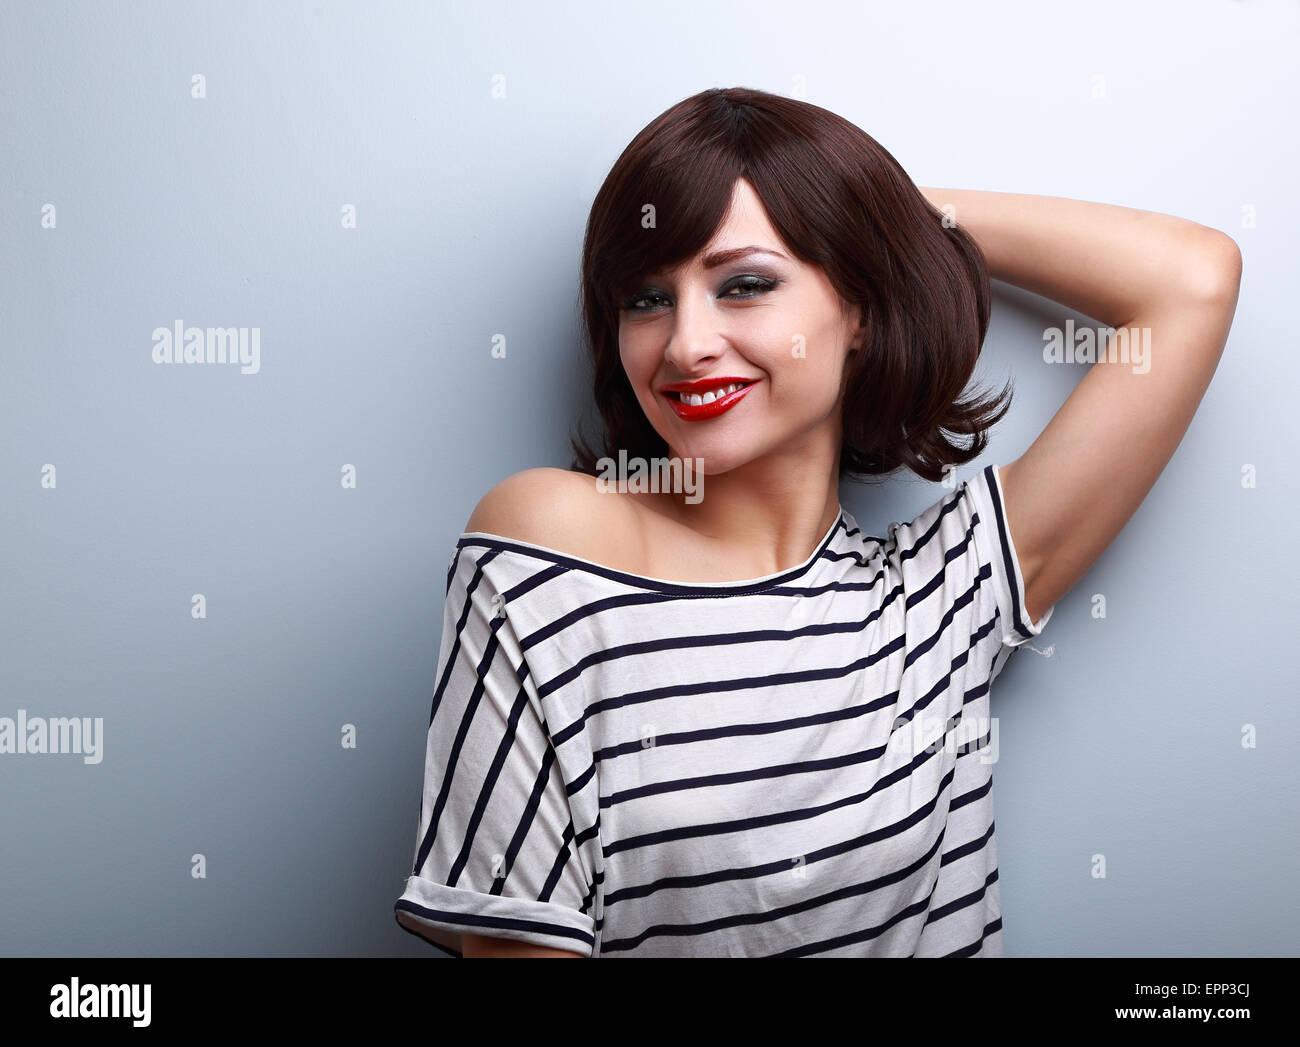 Sorridendo felice giovane donna in abbigliamento casual rilassante sulla parete blu sullo sfondo Immagini Stock